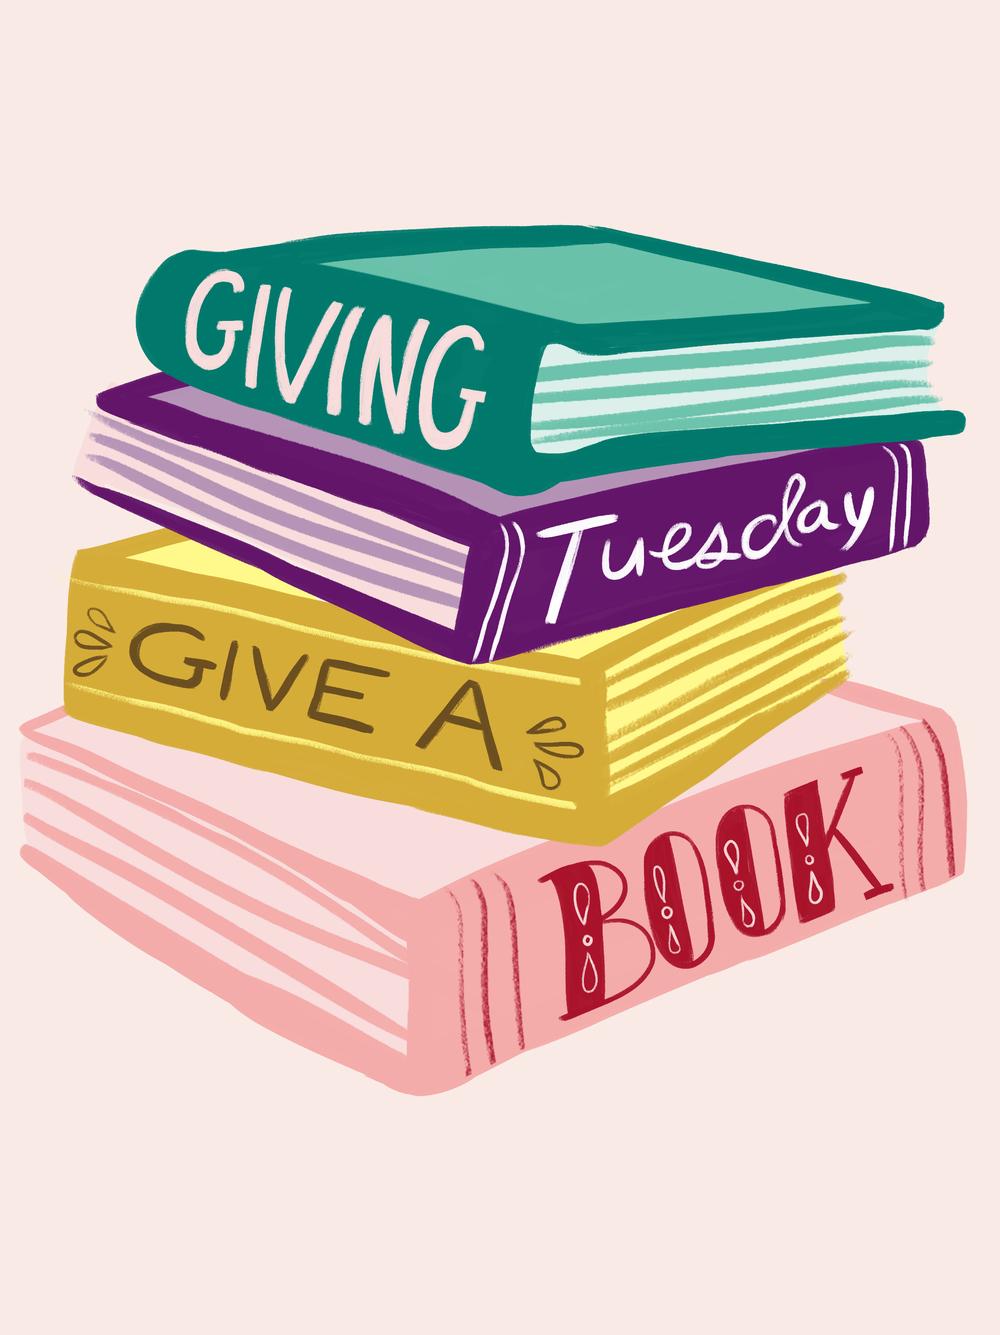 Donate $5 to Kusi Kawsay Library